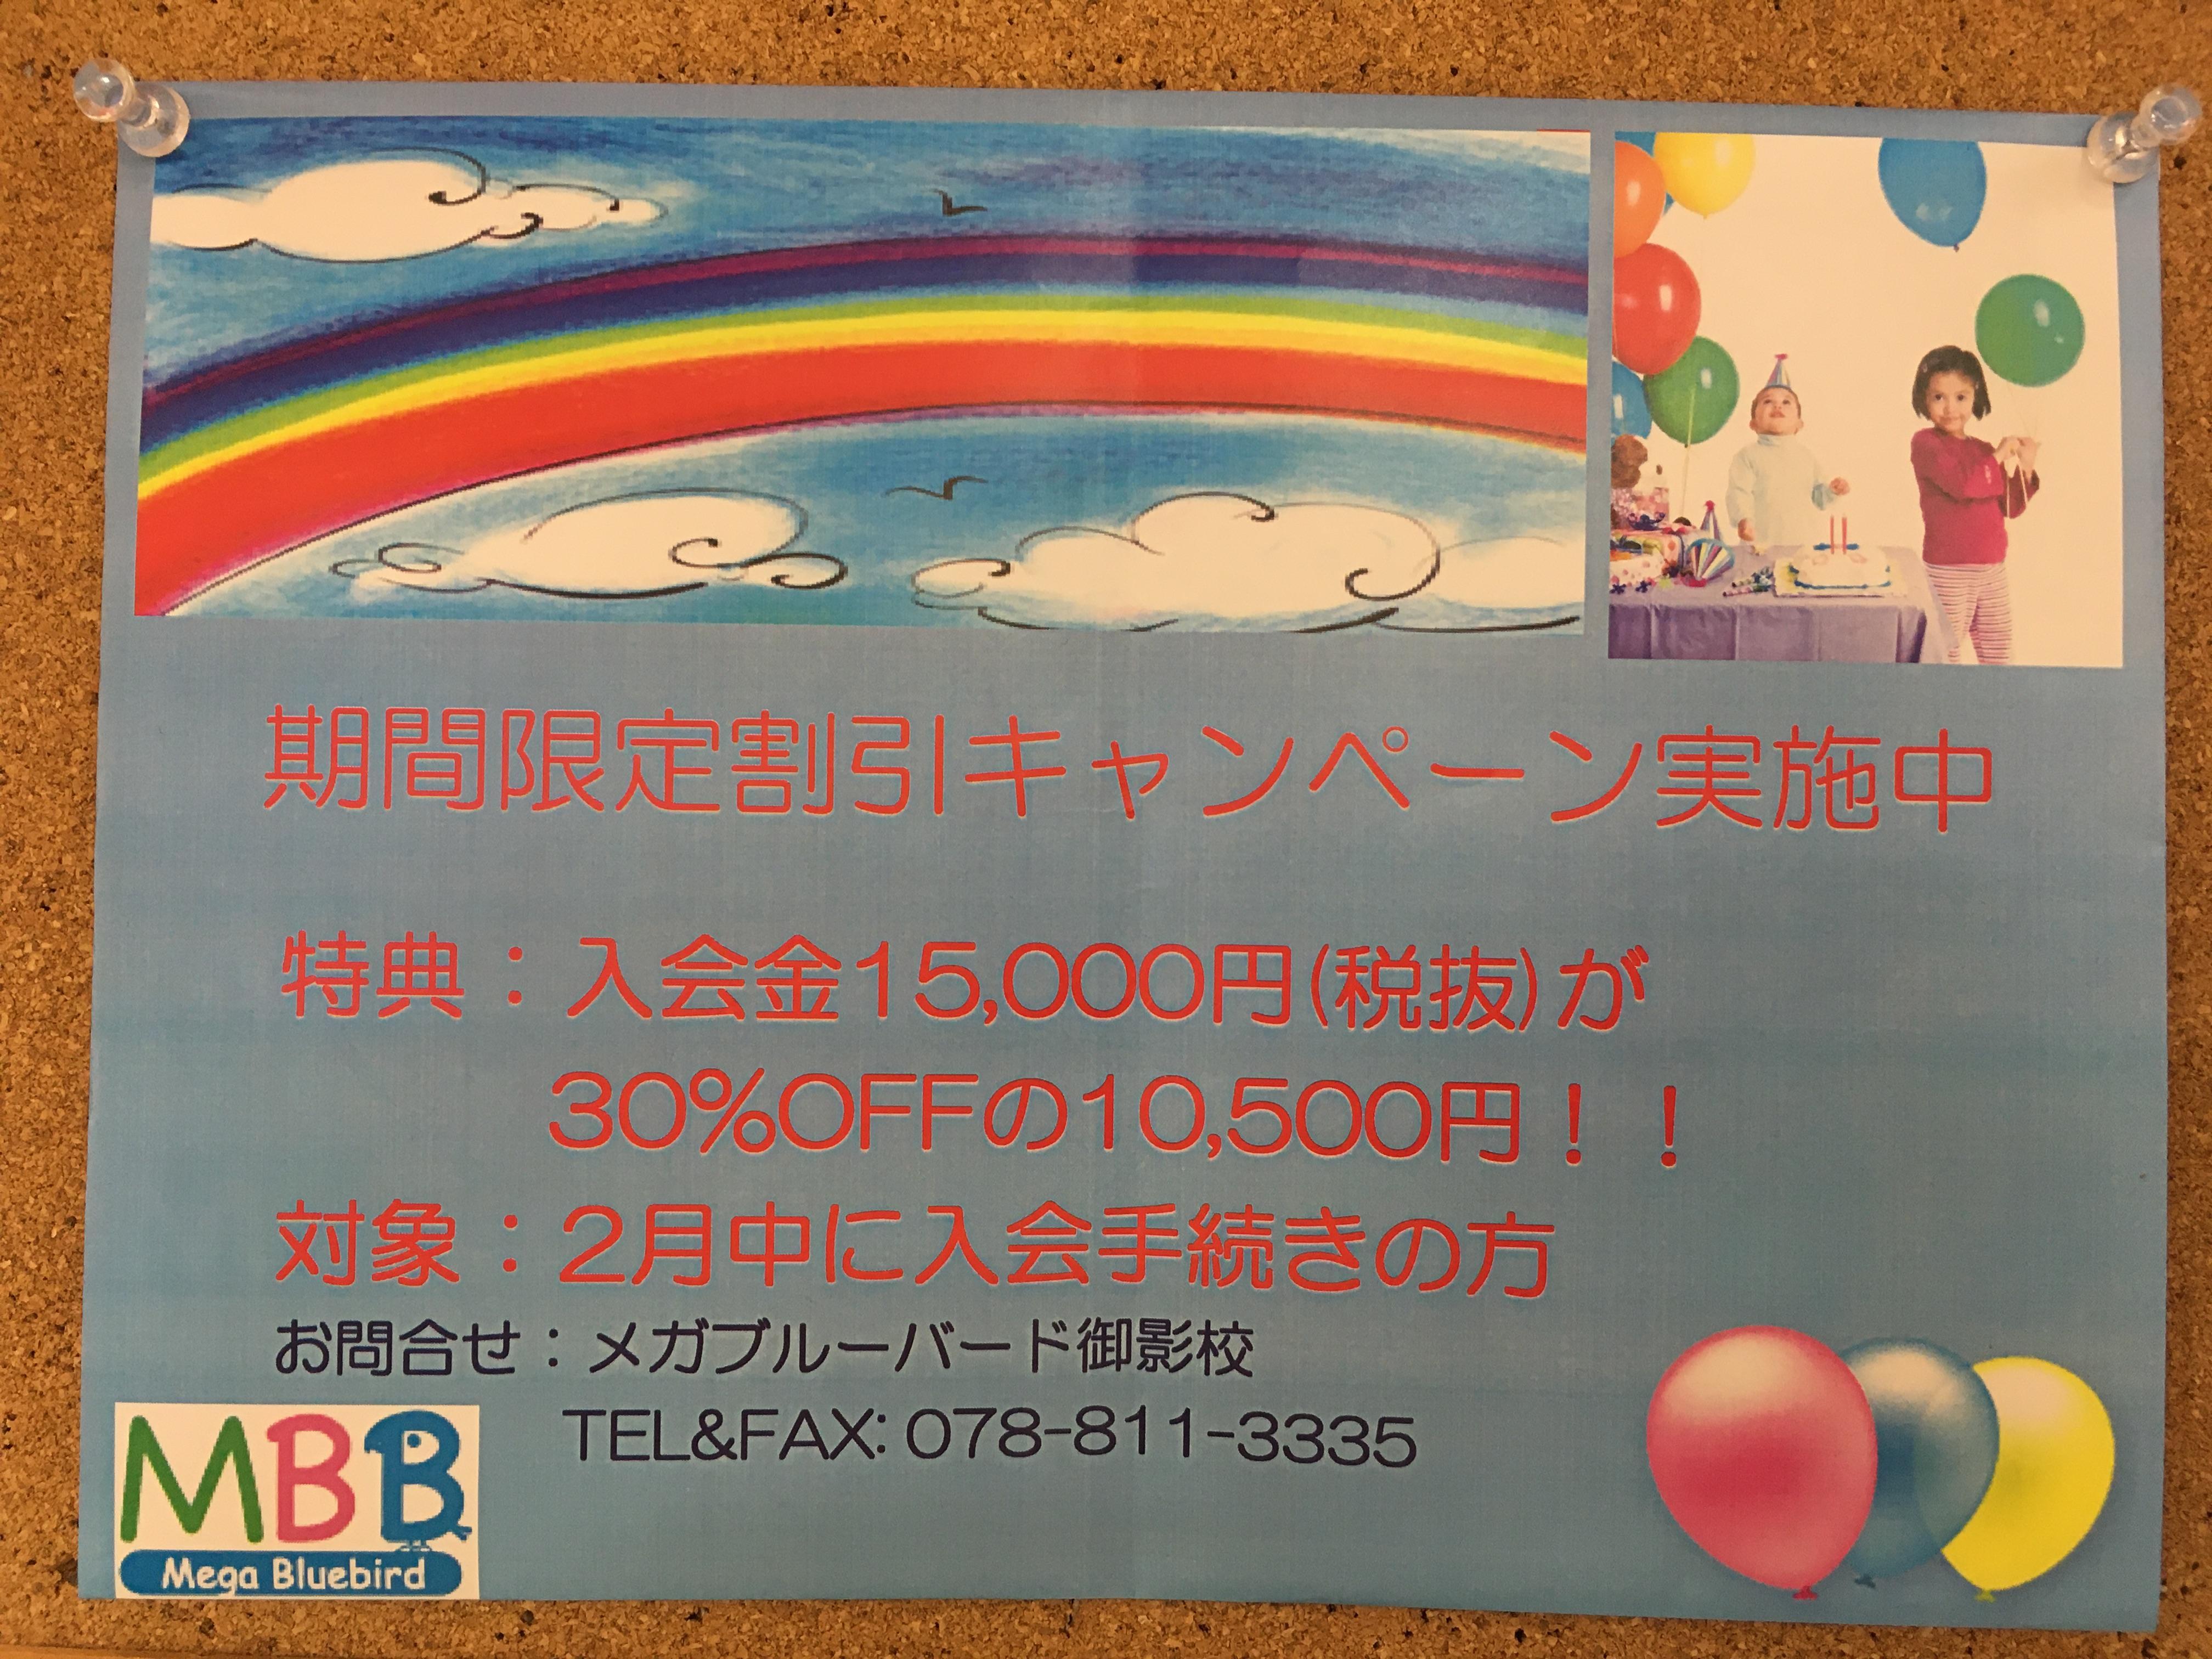 26EB74E8-F305-4696-9654-47F62F204050.jpeg